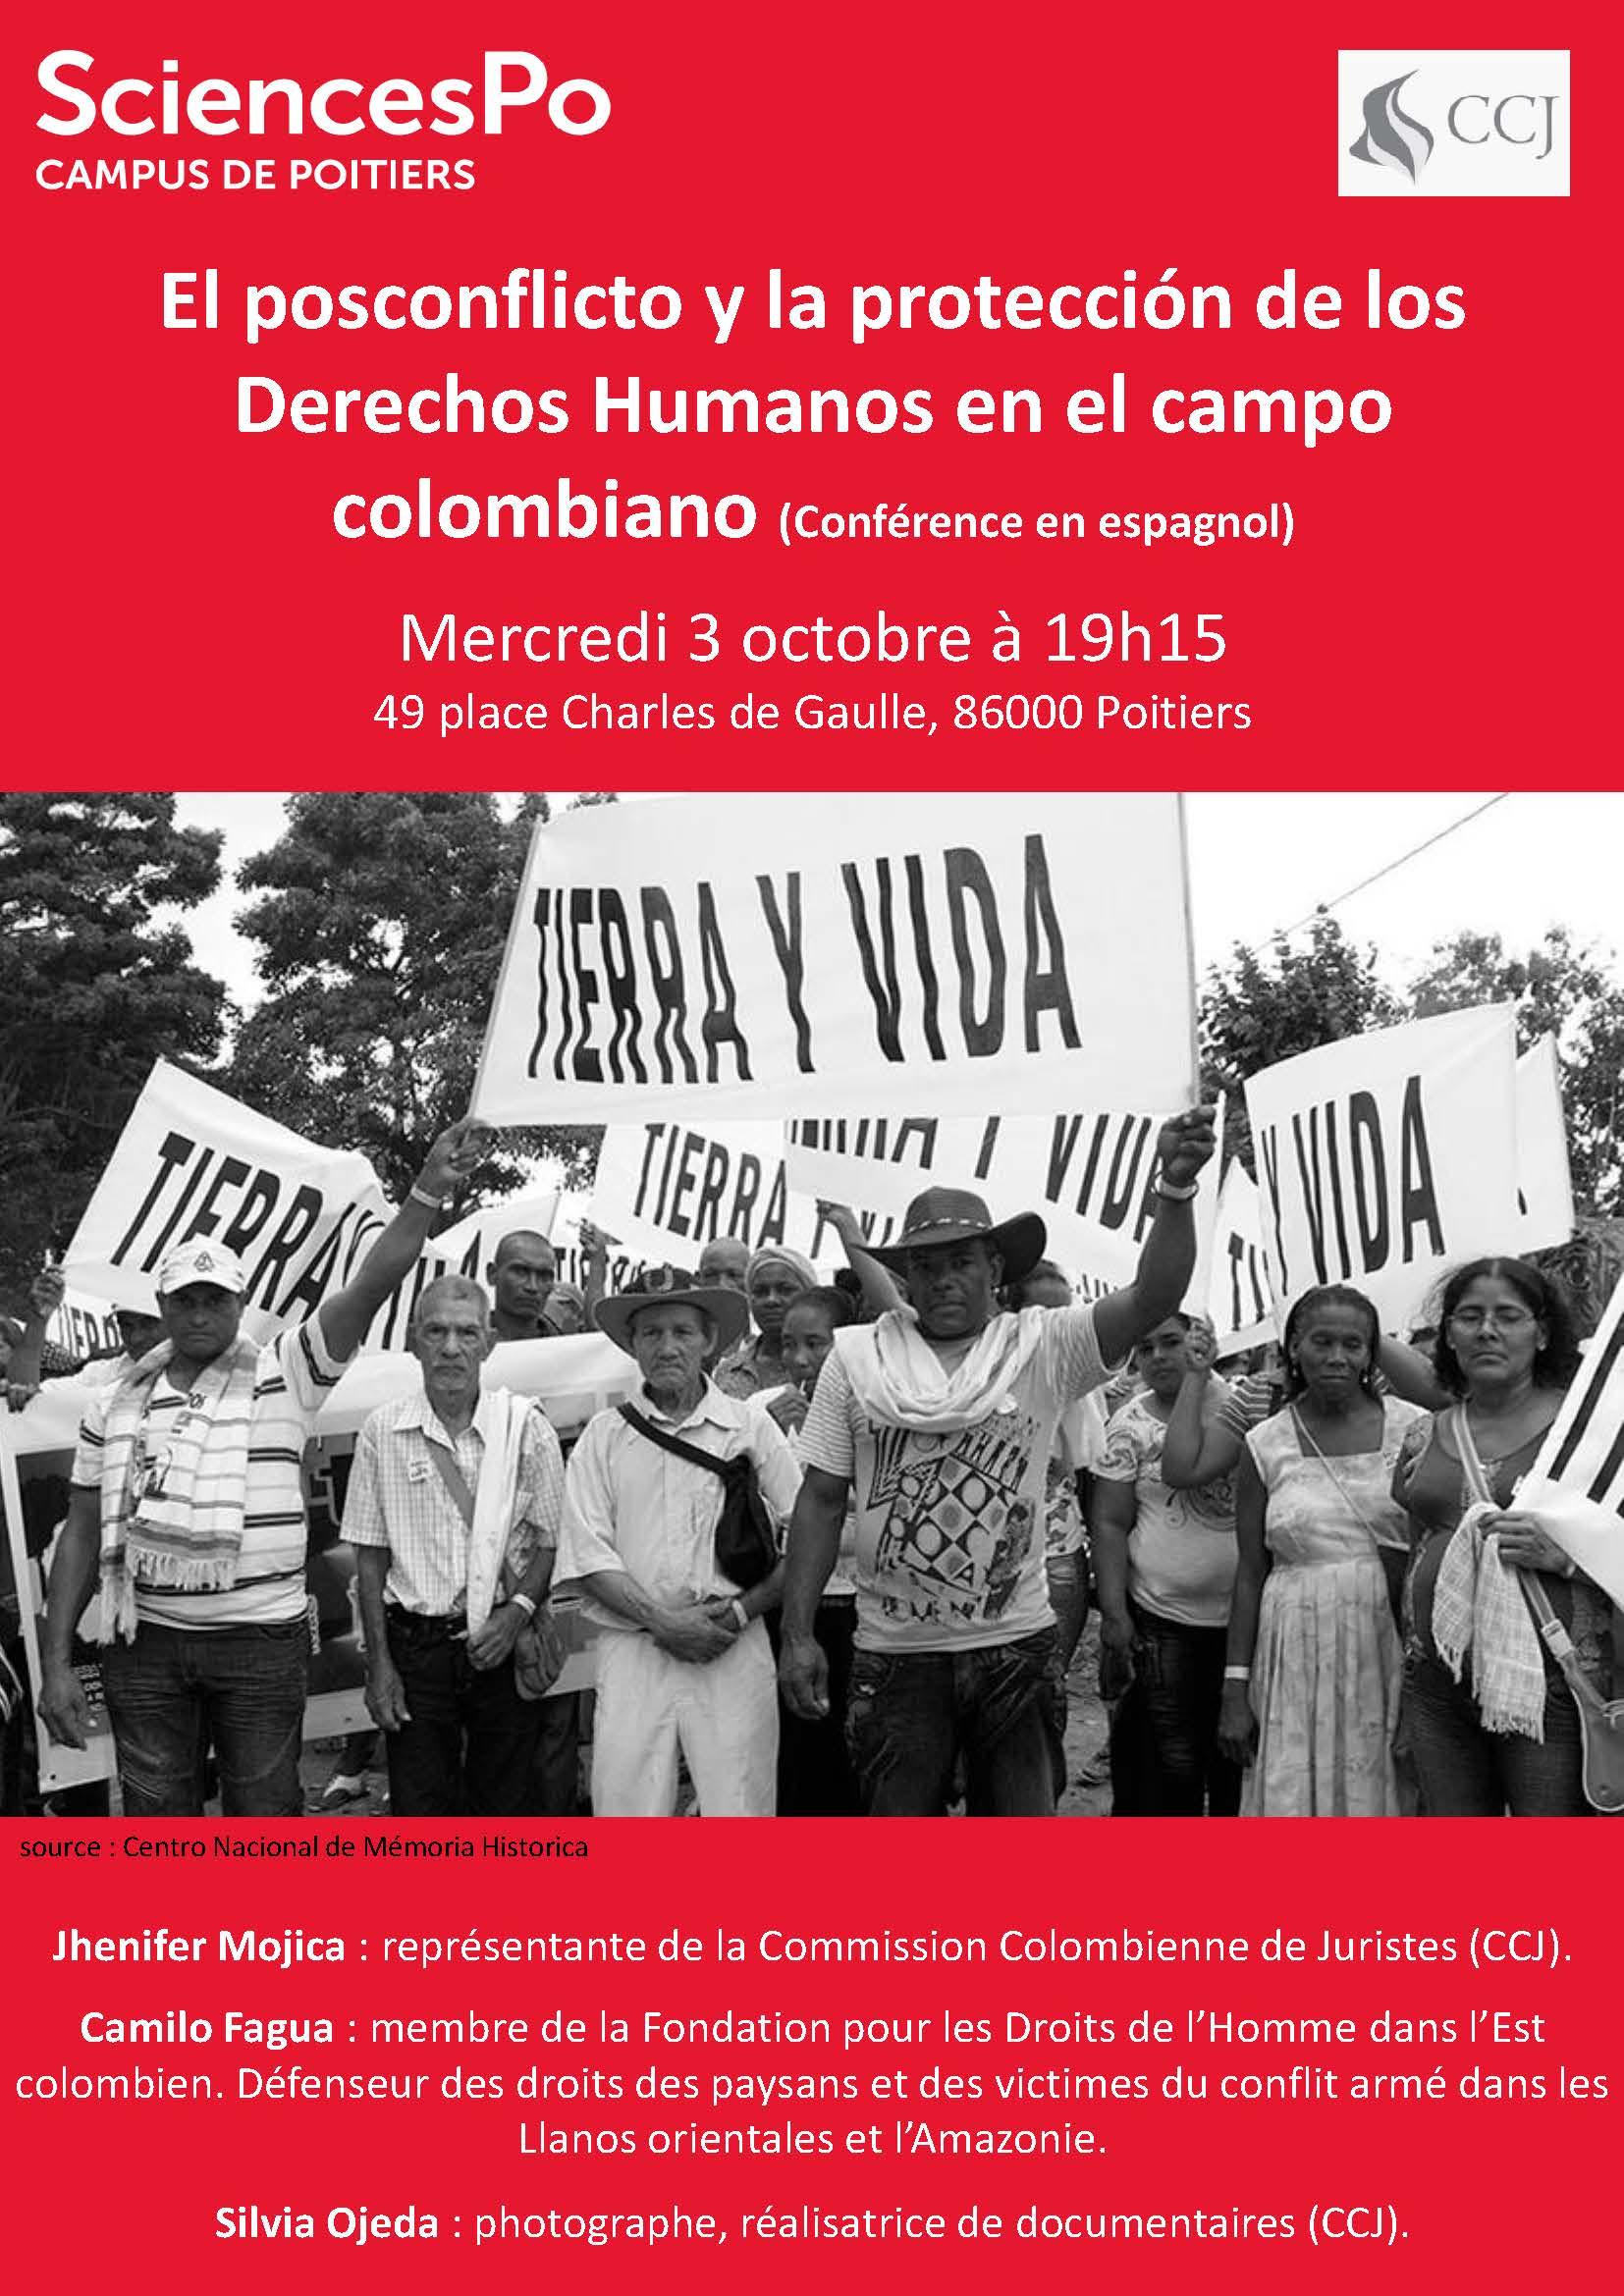 El posconflicto y la protección de los Derechos Humanos en el campo colombiano